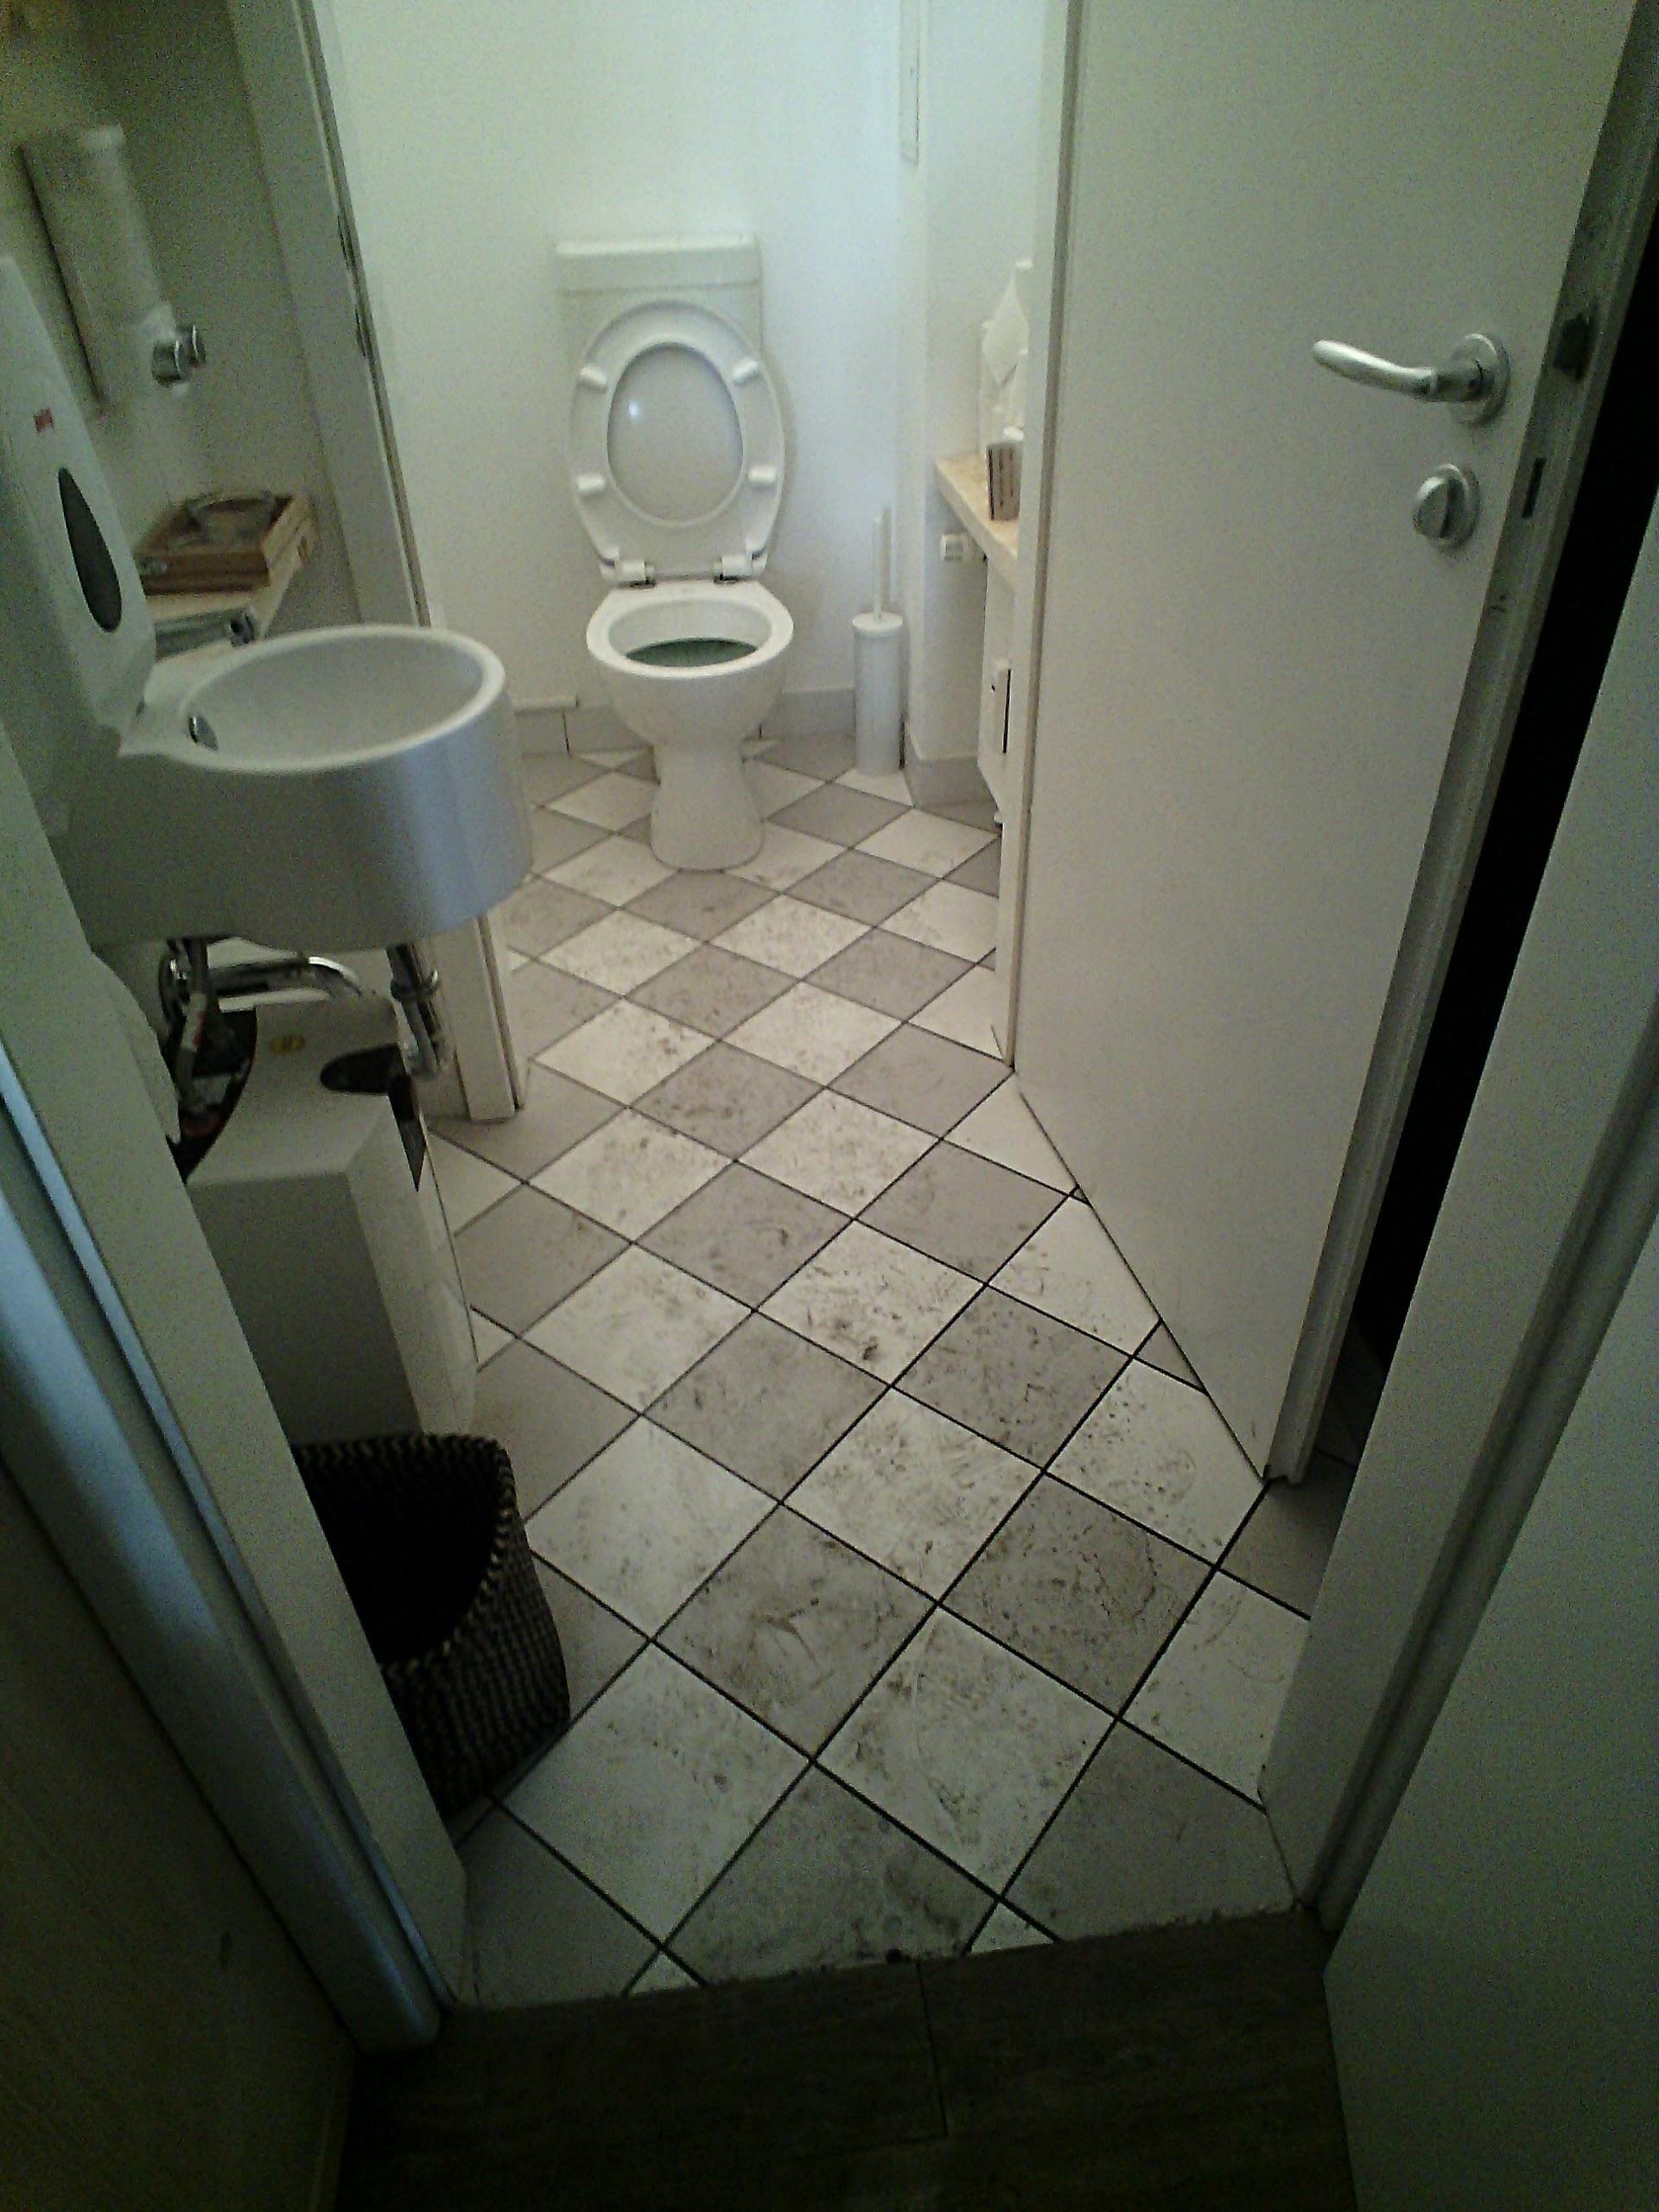 Toilette Carofliesen schmutzig